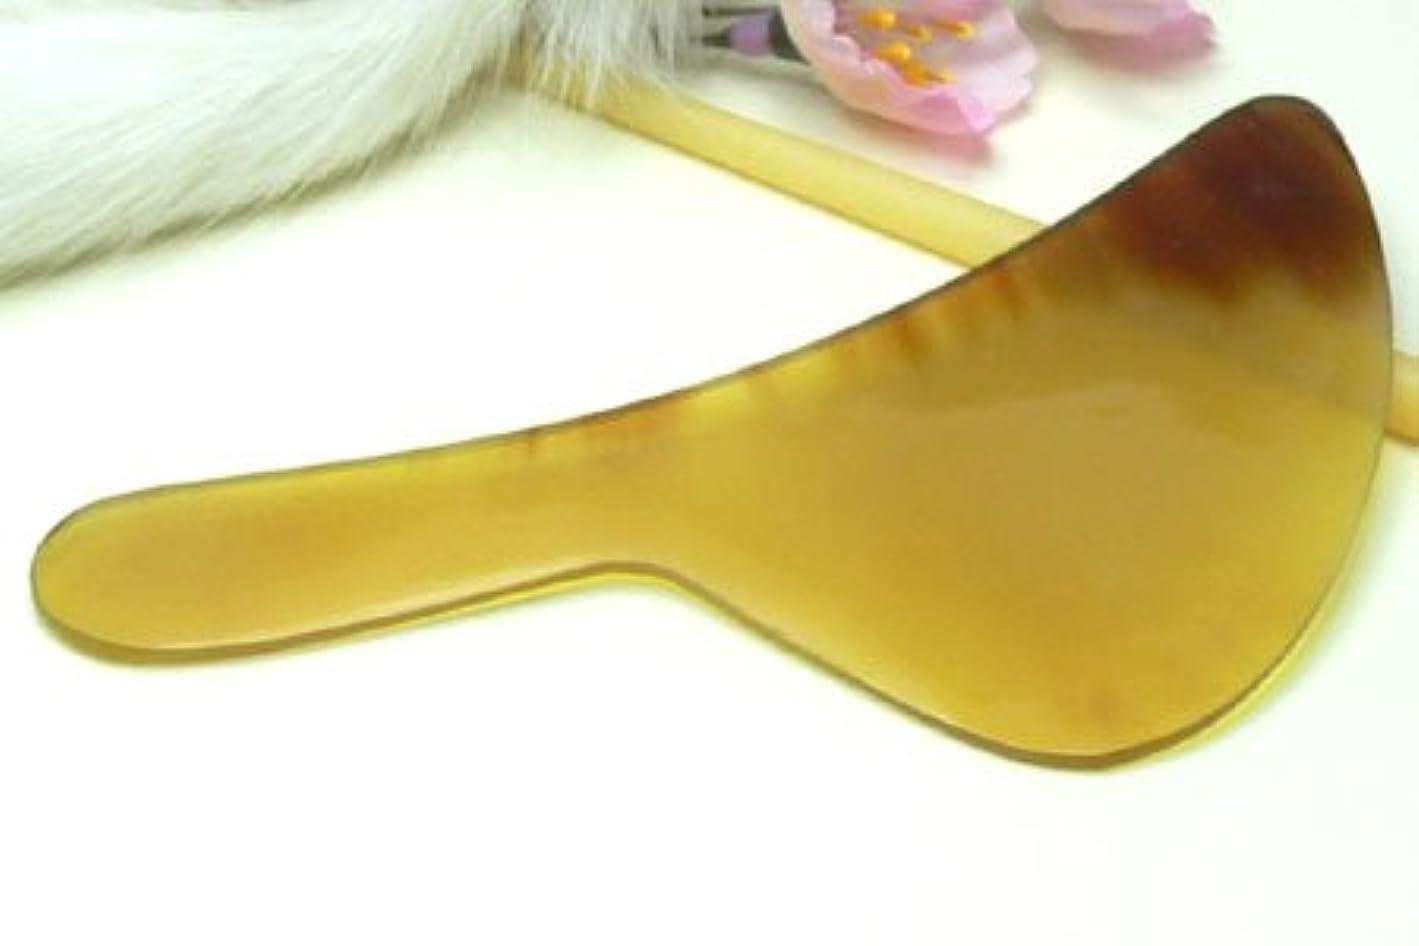 エイリアン革新ハリウッドかっさ板、美容、刮莎板、グアシャ板,水牛角製